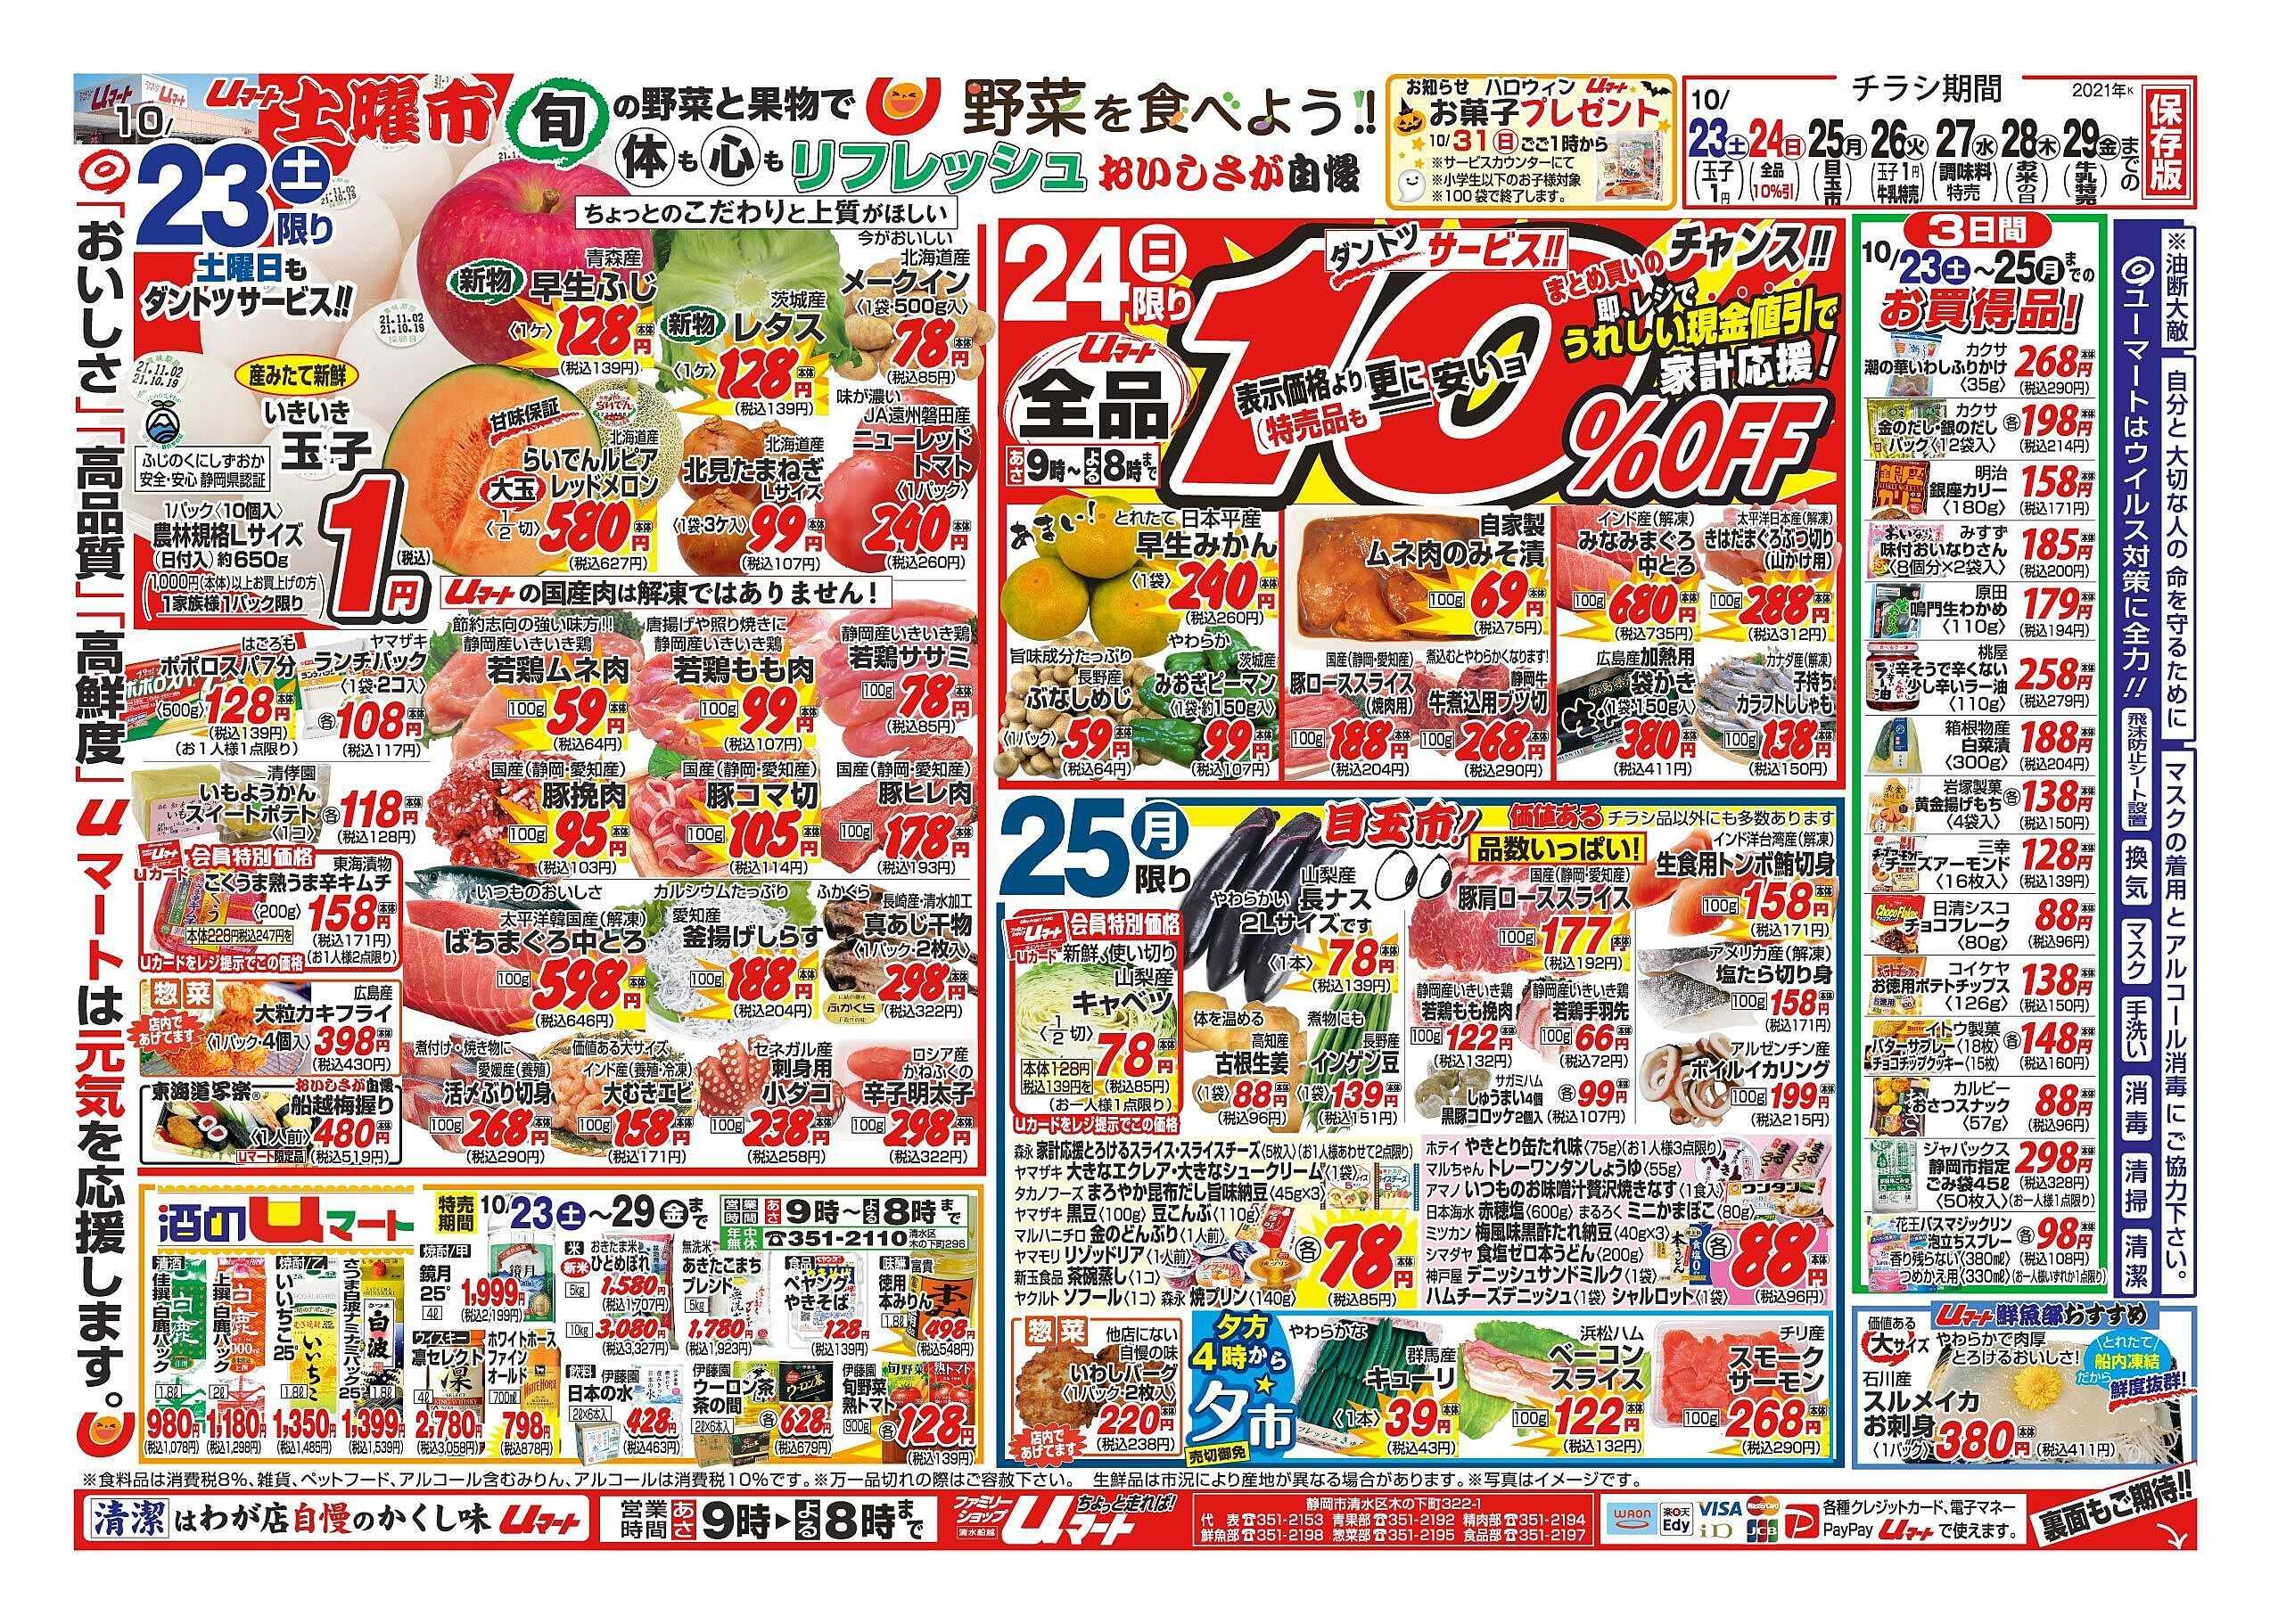 ユーマート uマート土曜市!旬の野菜でリフレッシュ!